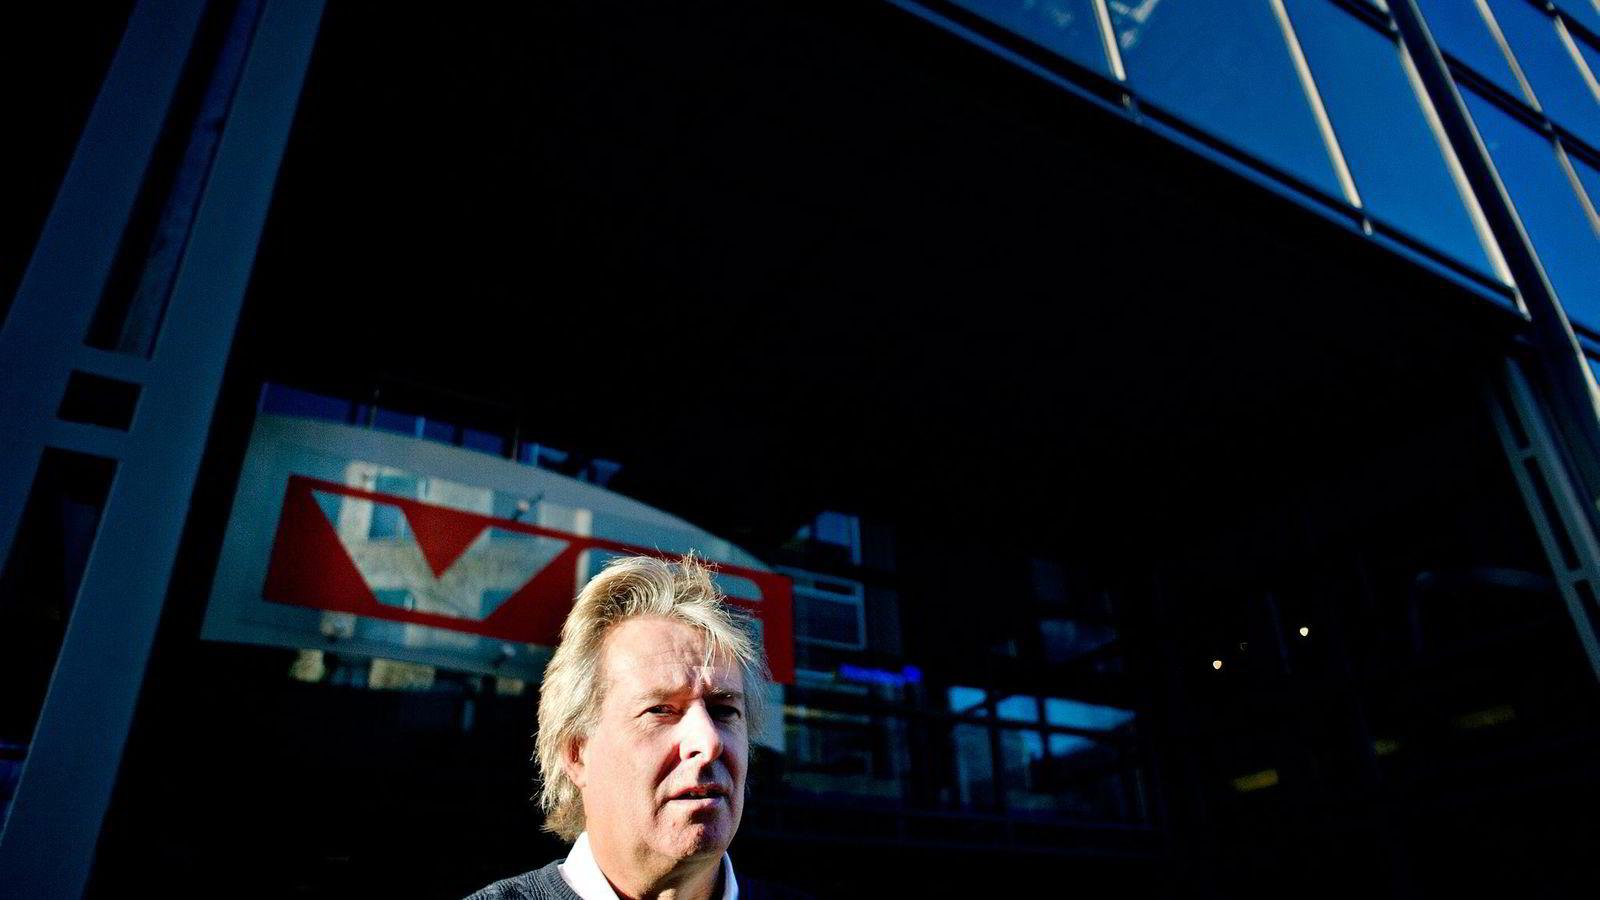 KRITISK. Sjefredaktør og administrerende direktør Torry Pedersen i VG ber om at NRK i større grad begrenses til å drive med lyd og levende bilder. Foto Mikaela Berg